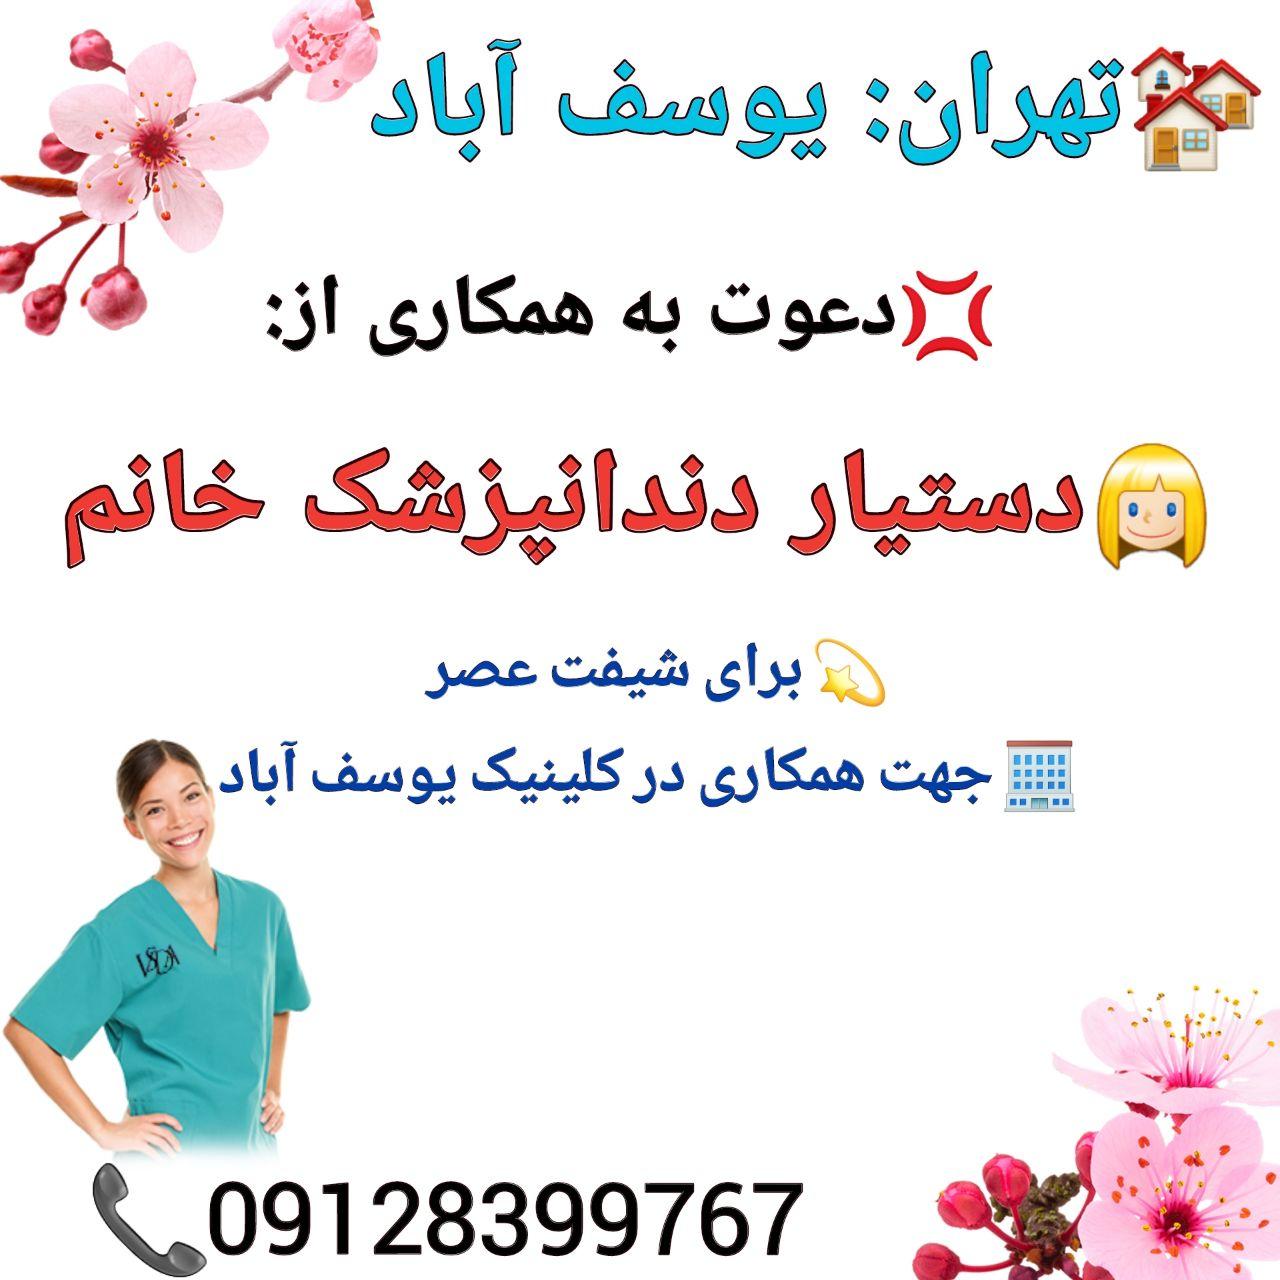 تهران: یوسف آباد، نیاز به دستیار دندانپزشک خانم